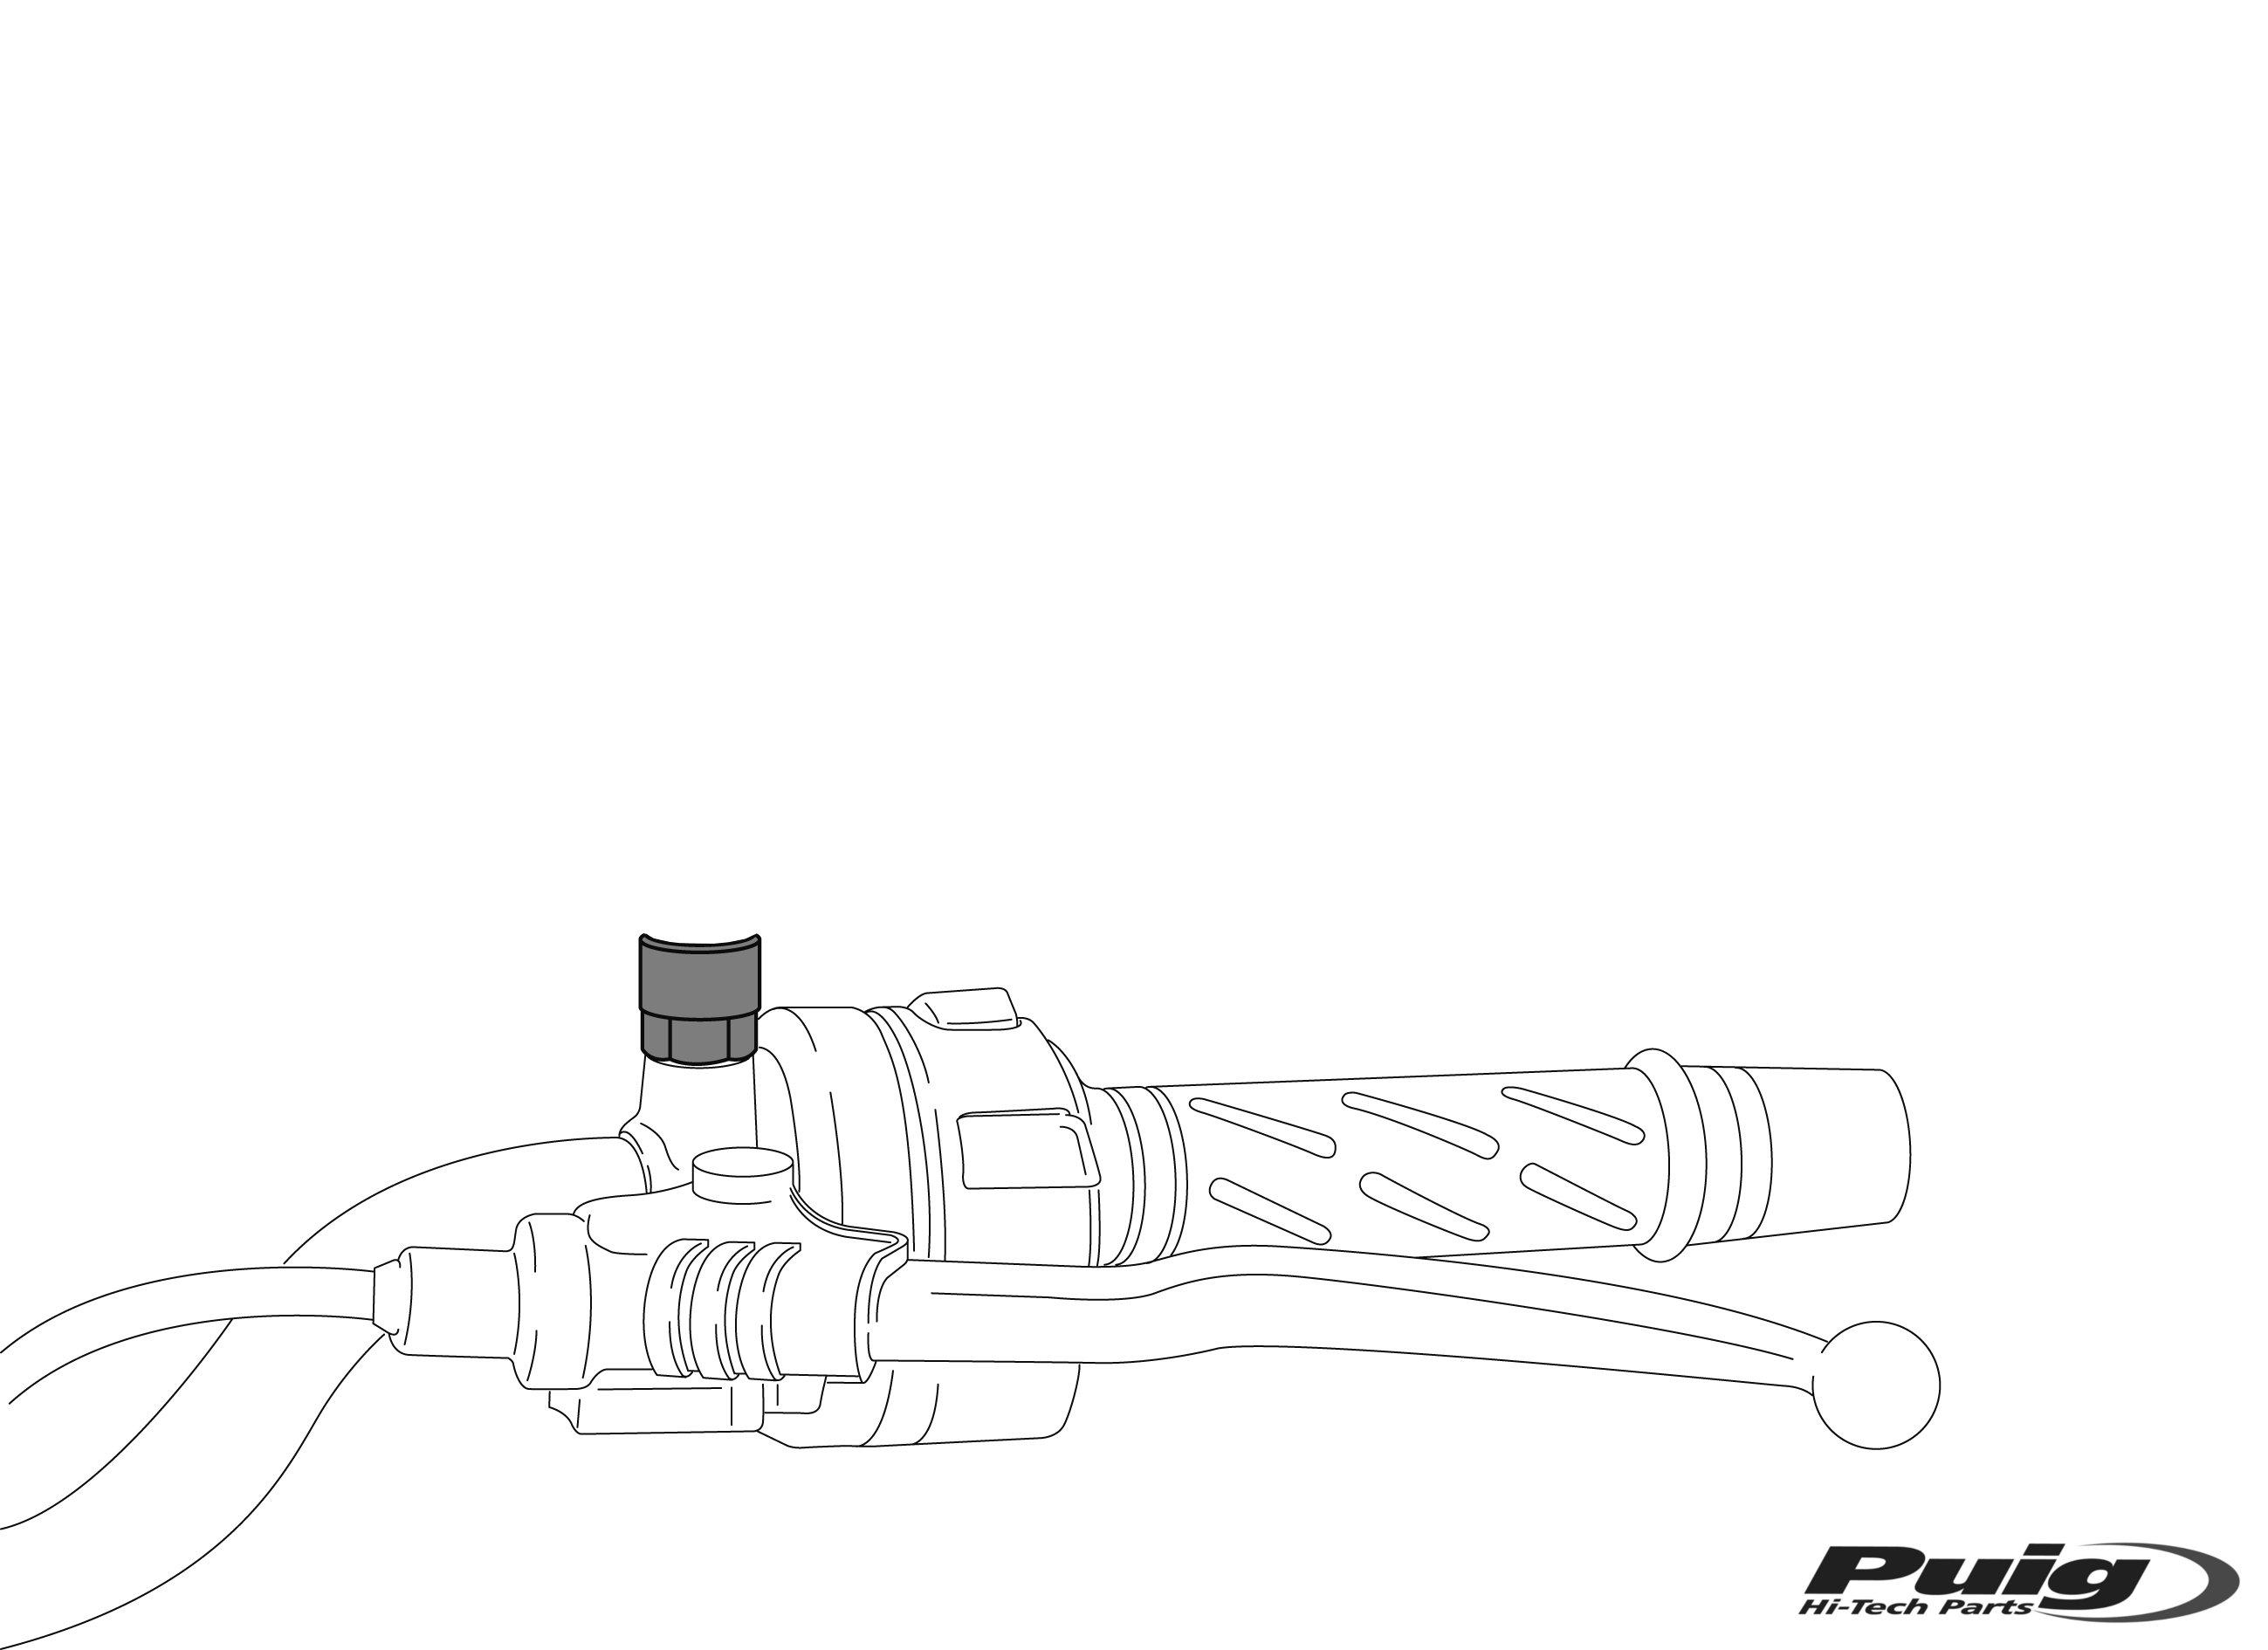 Adaptador retrovisor al carenado Puig 9577N lado derecho e izquierdo para YAMAHA (Mirar modelos compatibles)